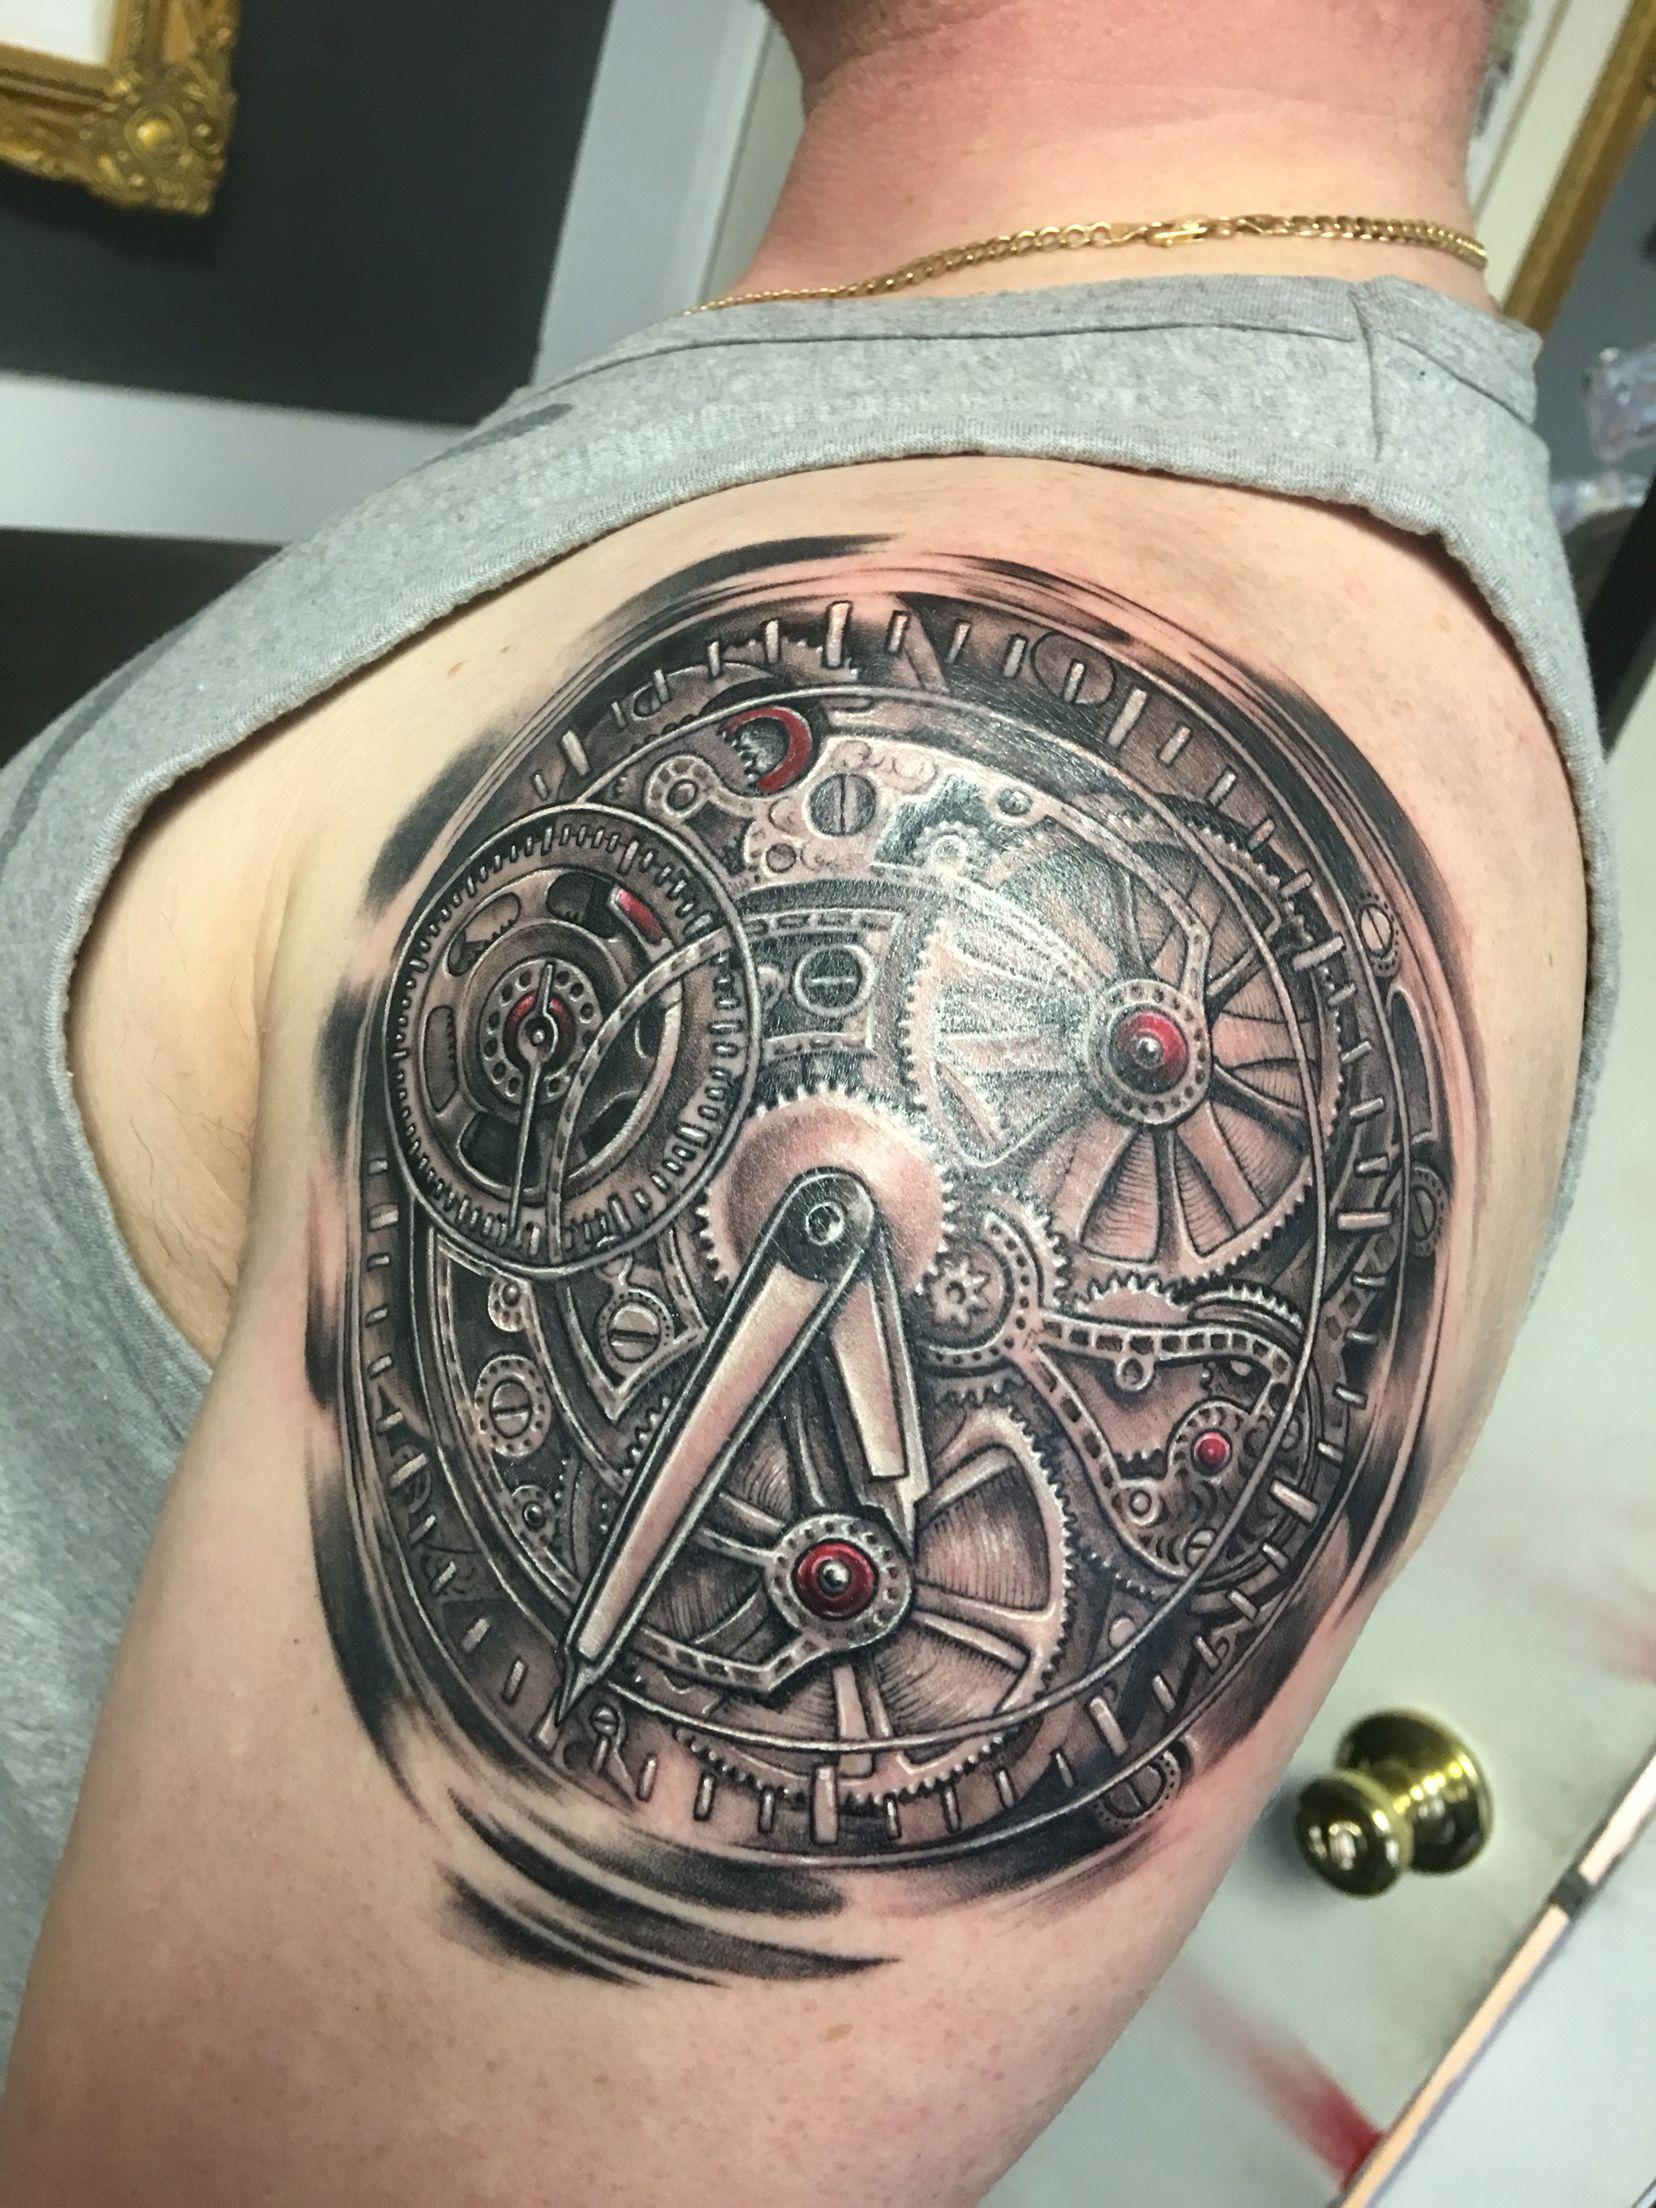 Skeleton Watch Tattoo Clock Tattoo Watch Tattoos Clock Tattoo Design